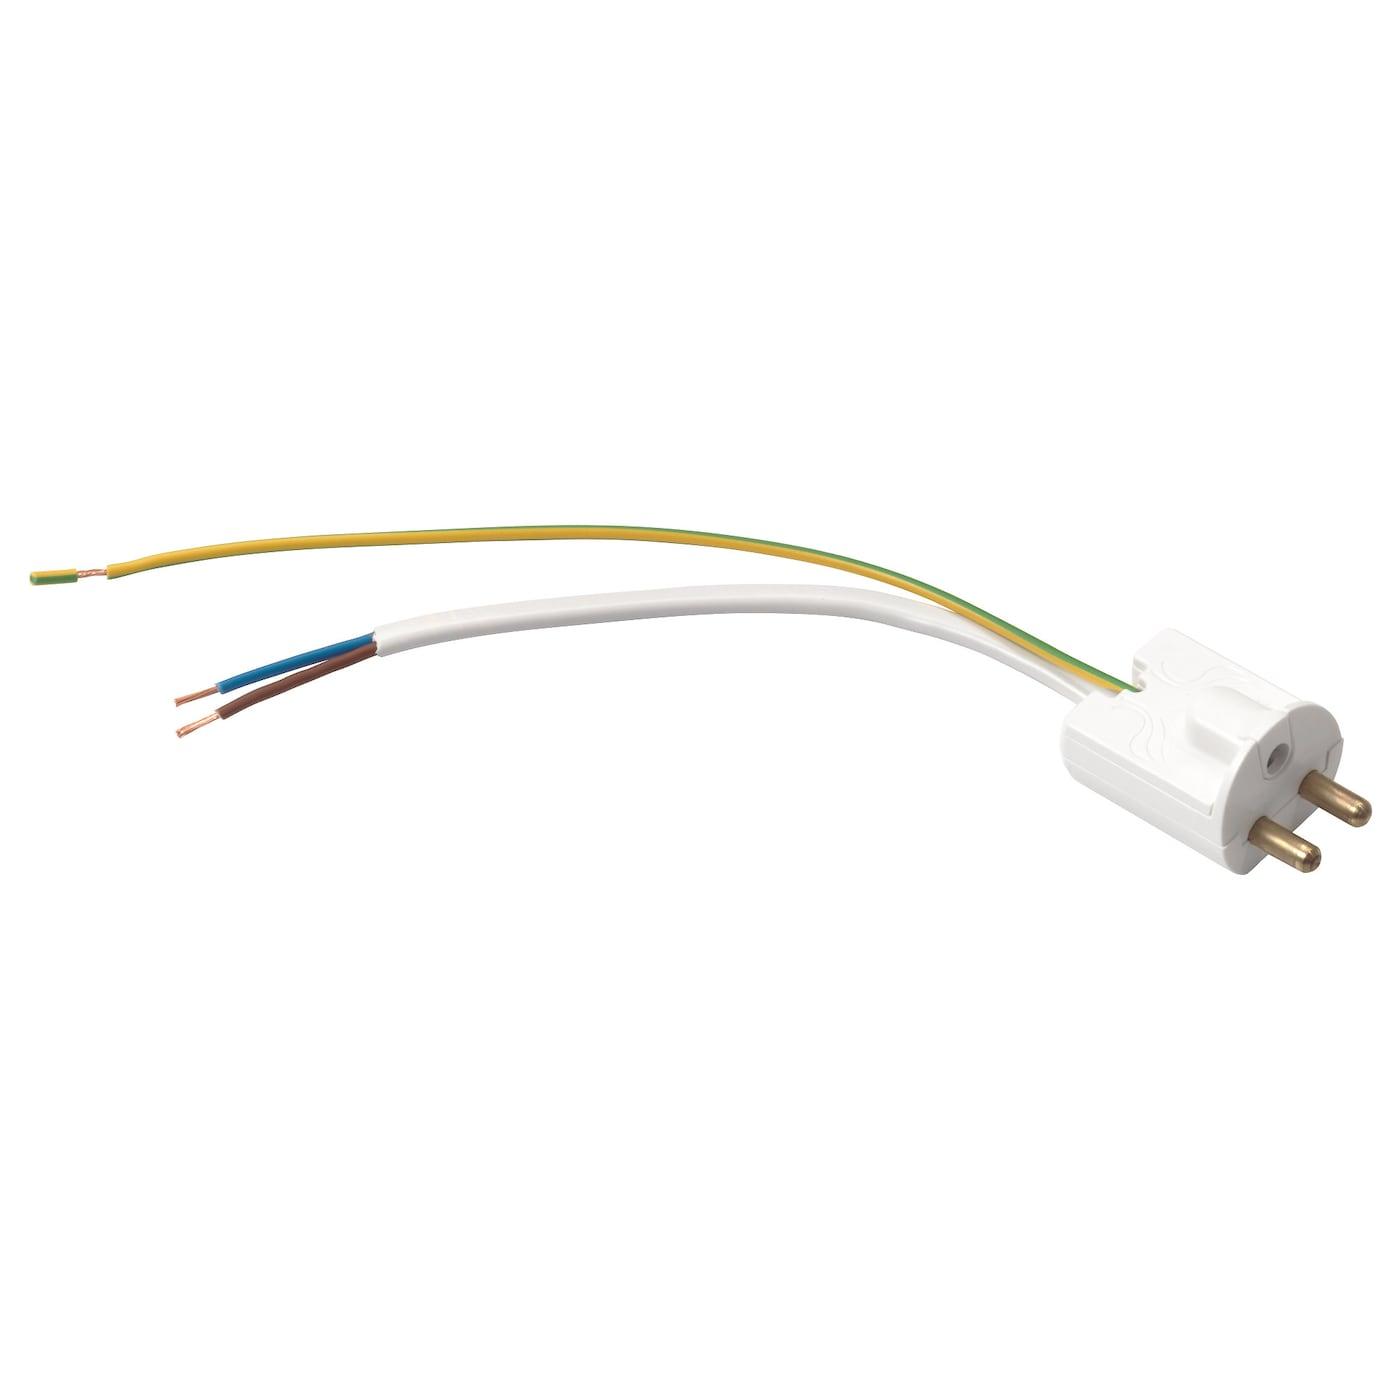 KOPPLA Lamppropp med kabel och kåpa, jordad, vit IKEA